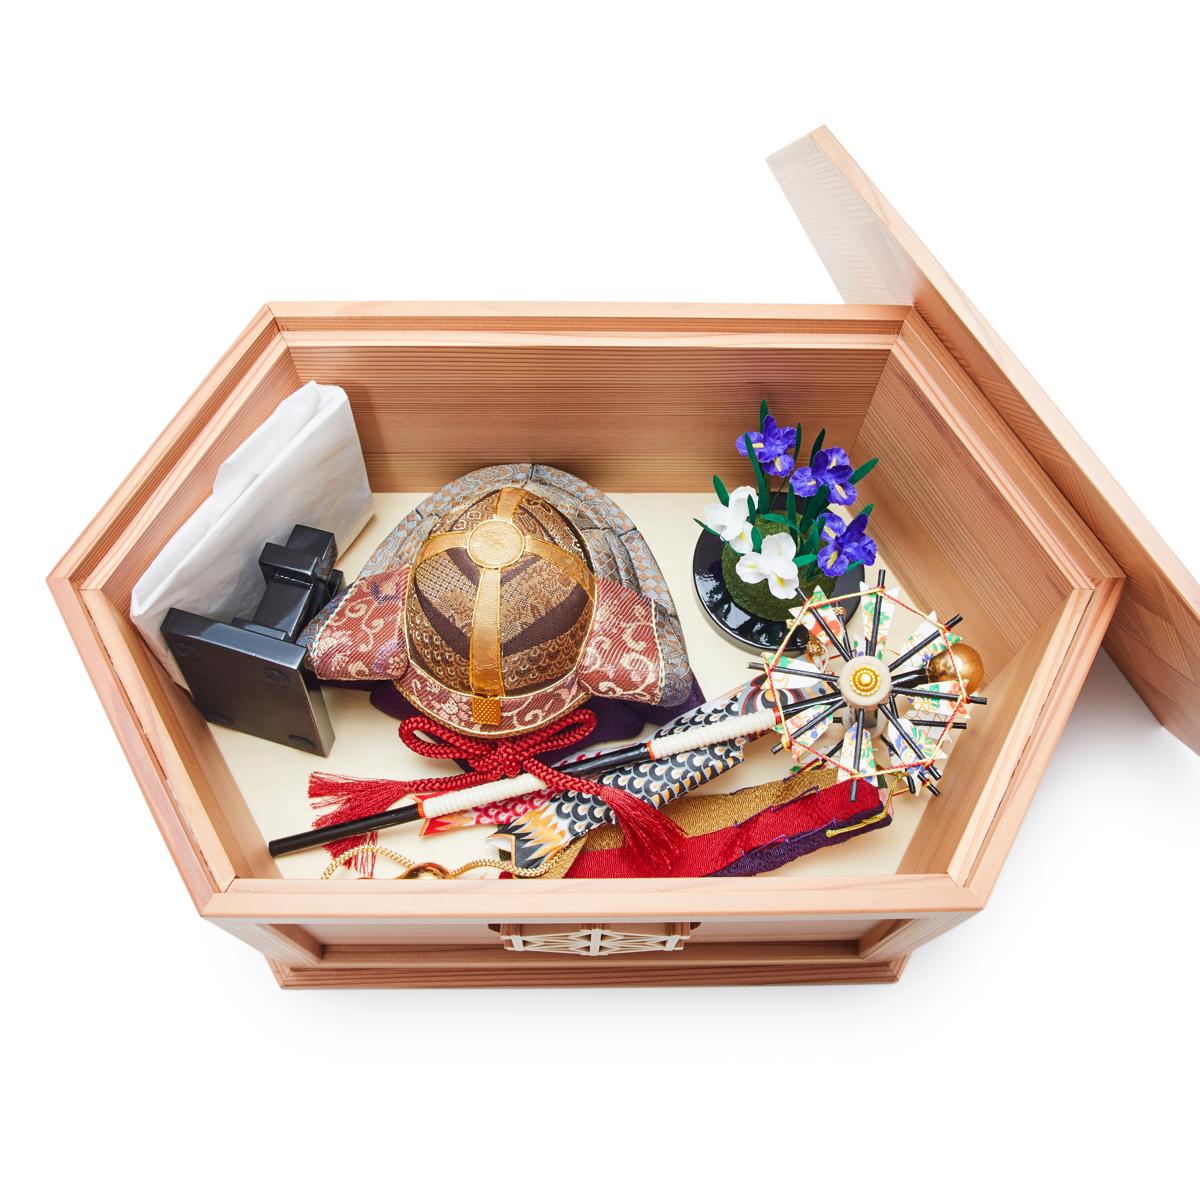 毎年の幸せを願う「五月人形」|《六角形・大》6つの日本伝統工芸をコンパクトにした、木目込の「プレミアム兜飾り」| 宝輝